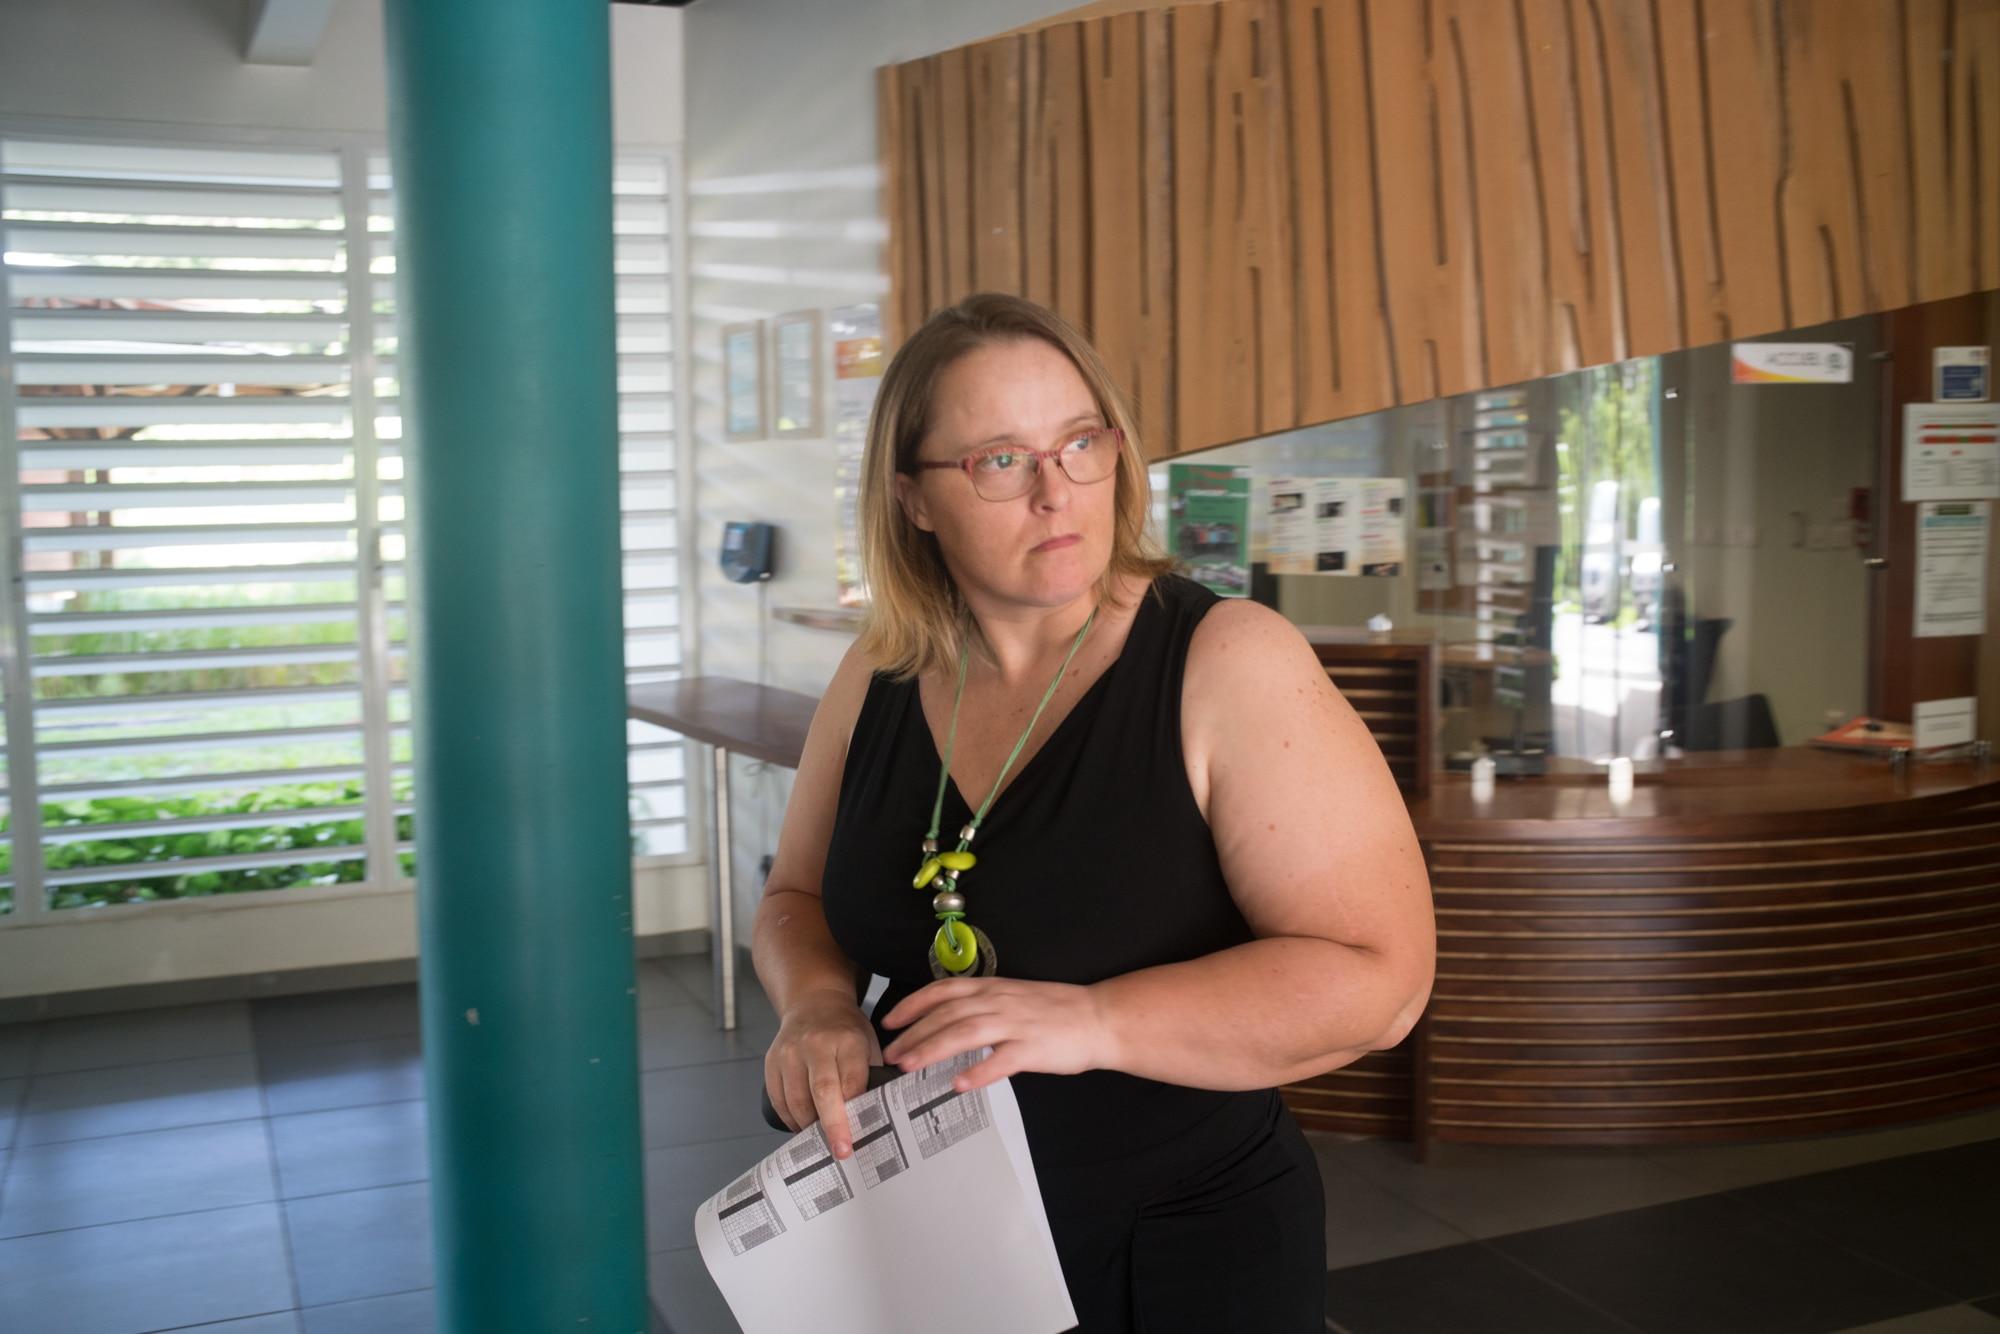 Lucy se tient devant l'accueil, téléphone et document à la main.